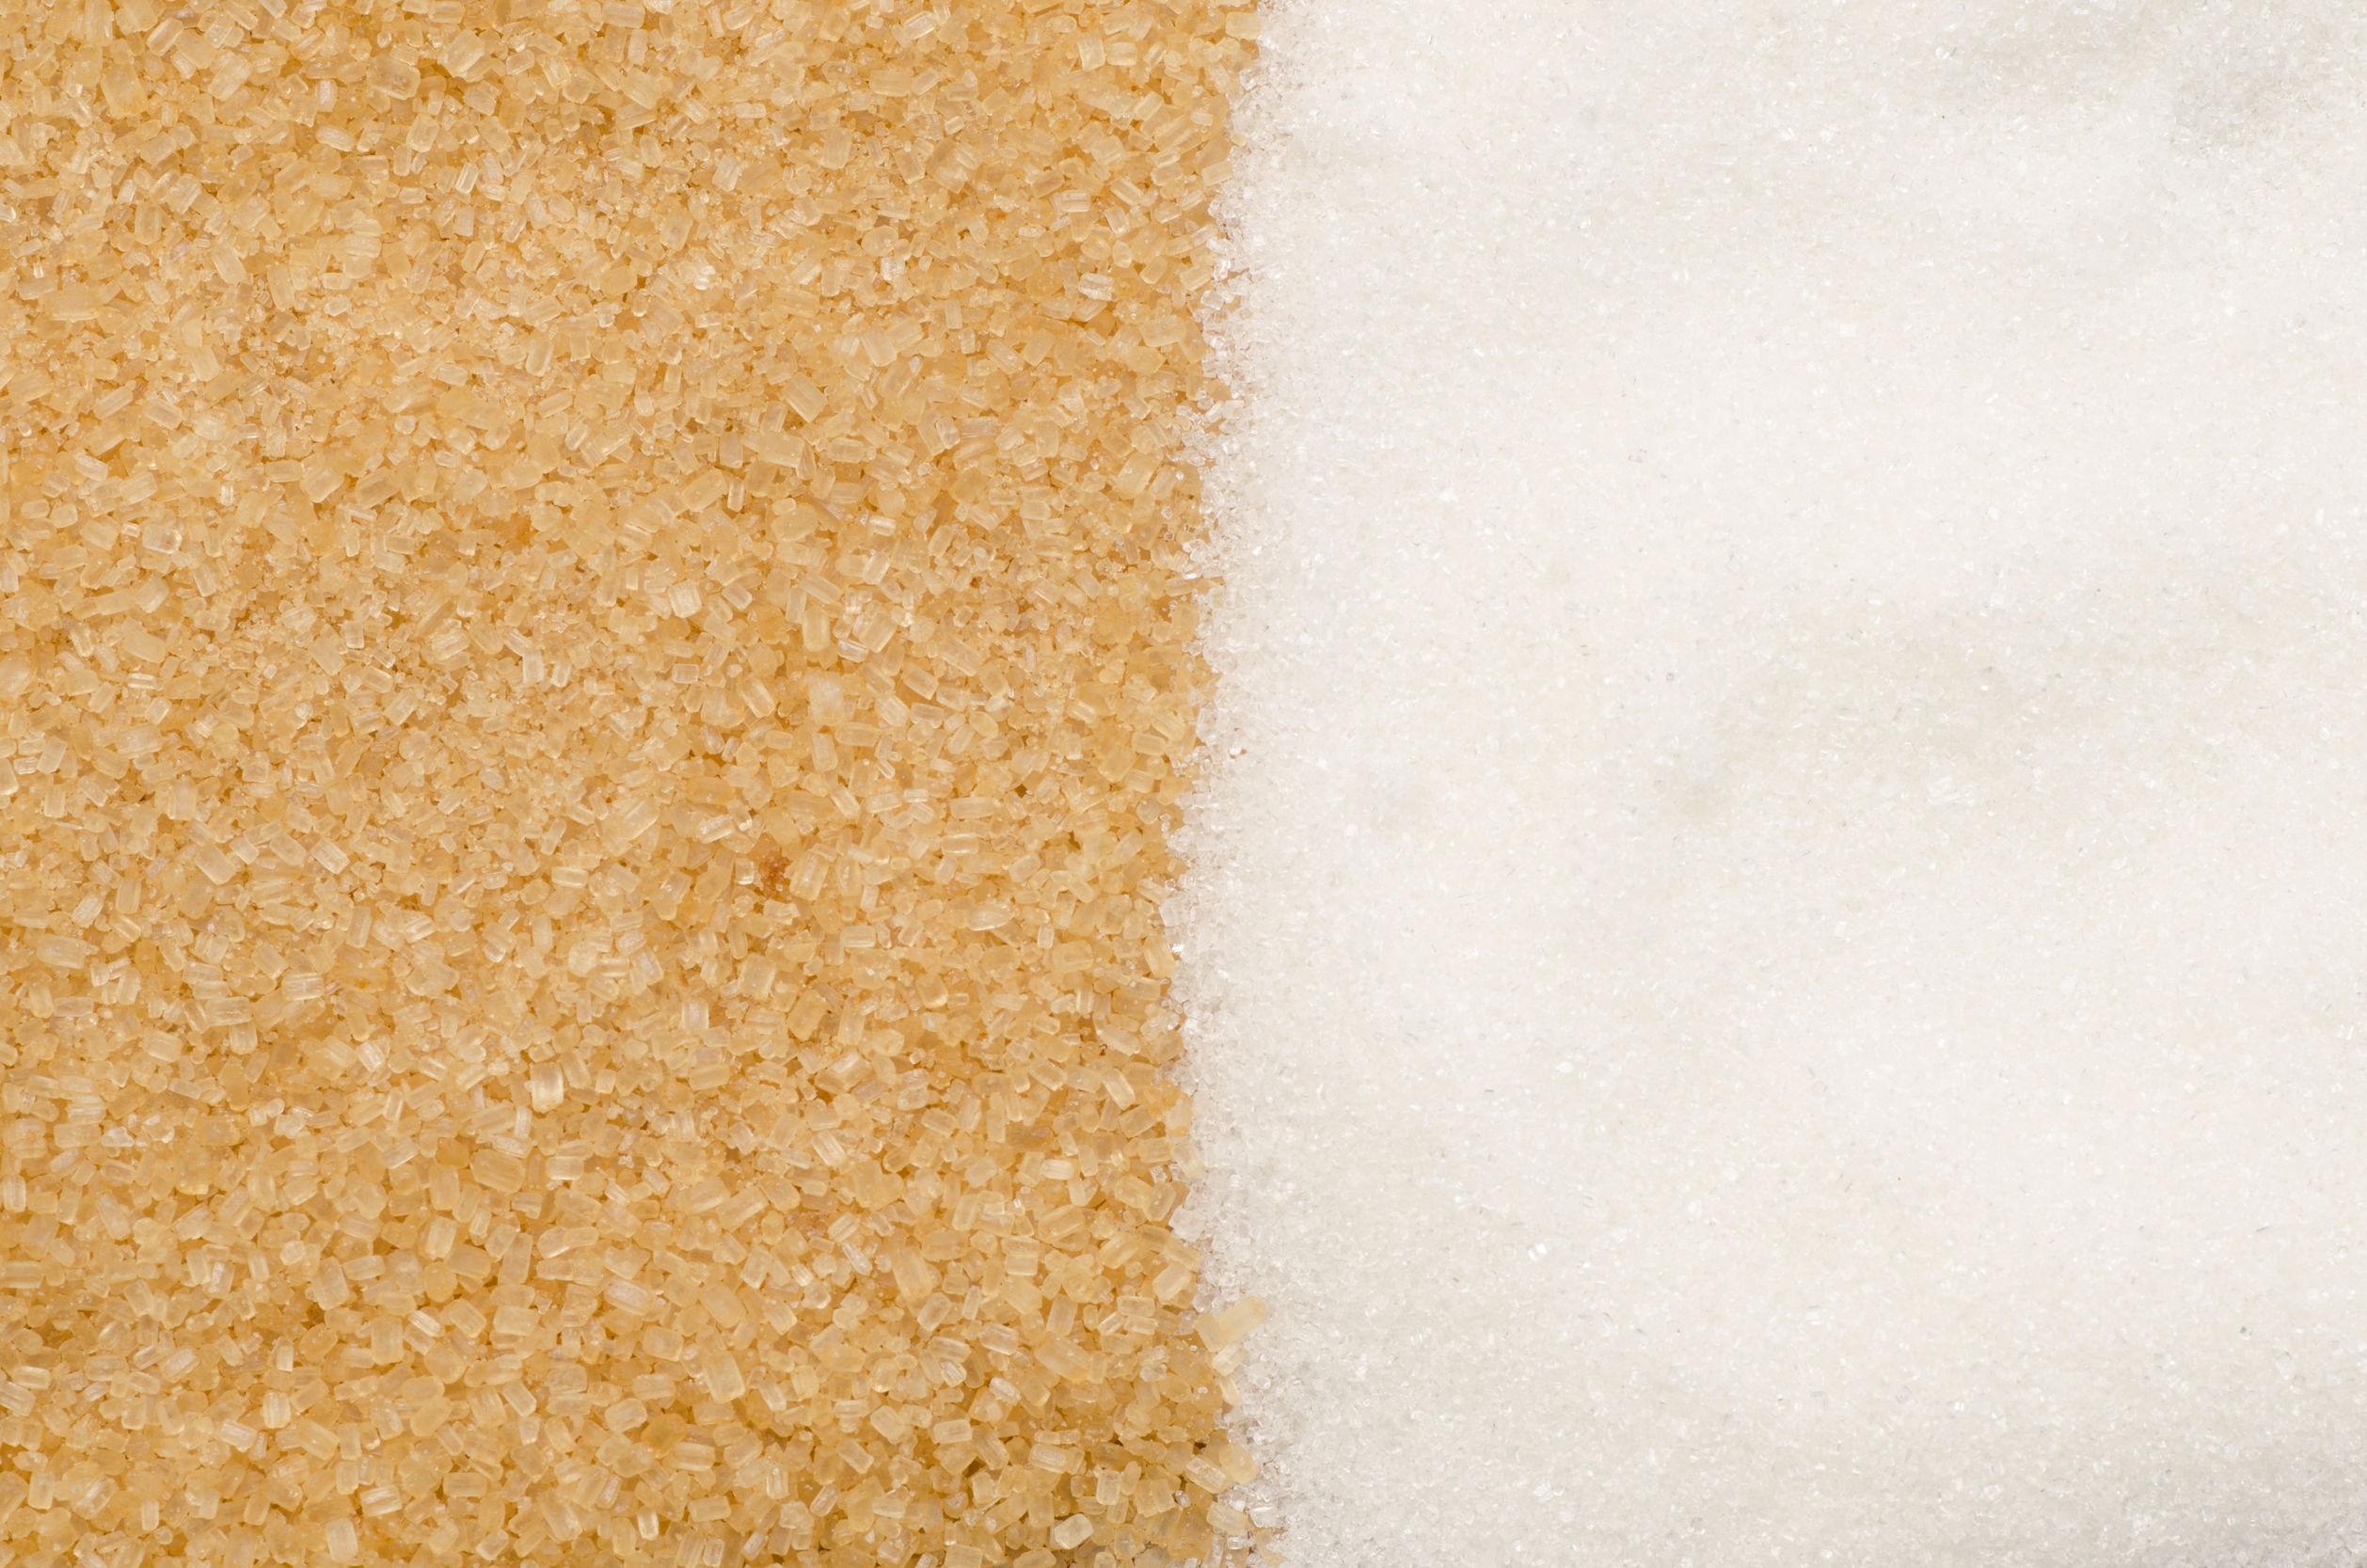 Lo zucchero di canna è migliore di quello bianco?